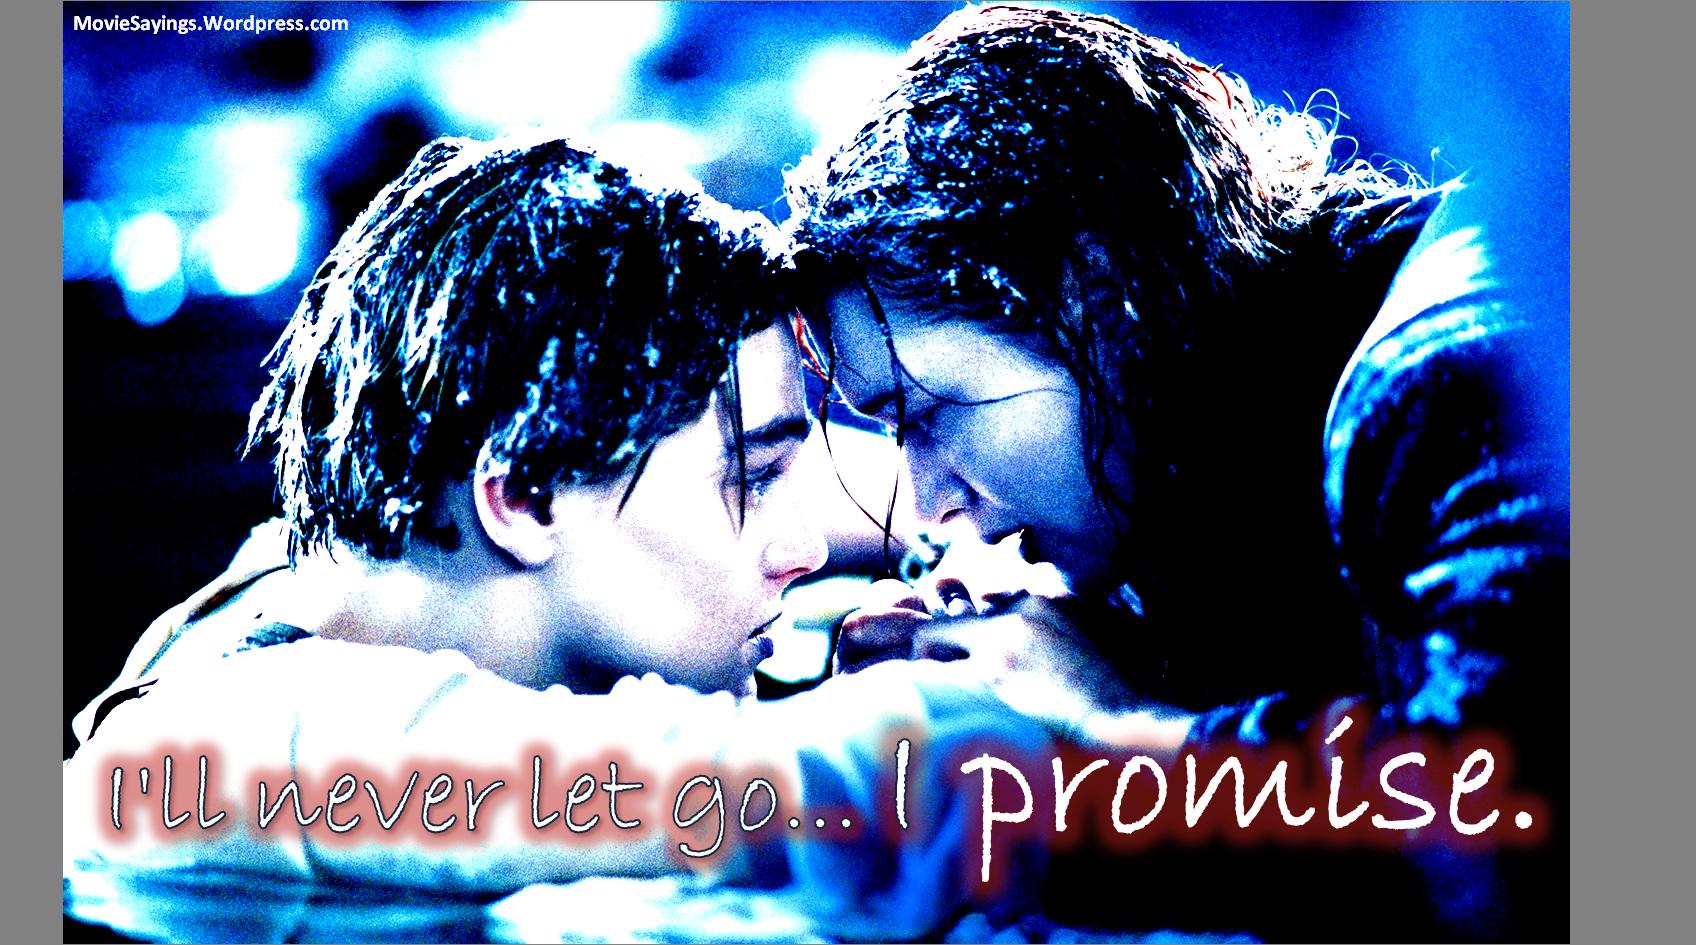 Image result for i'll never let go